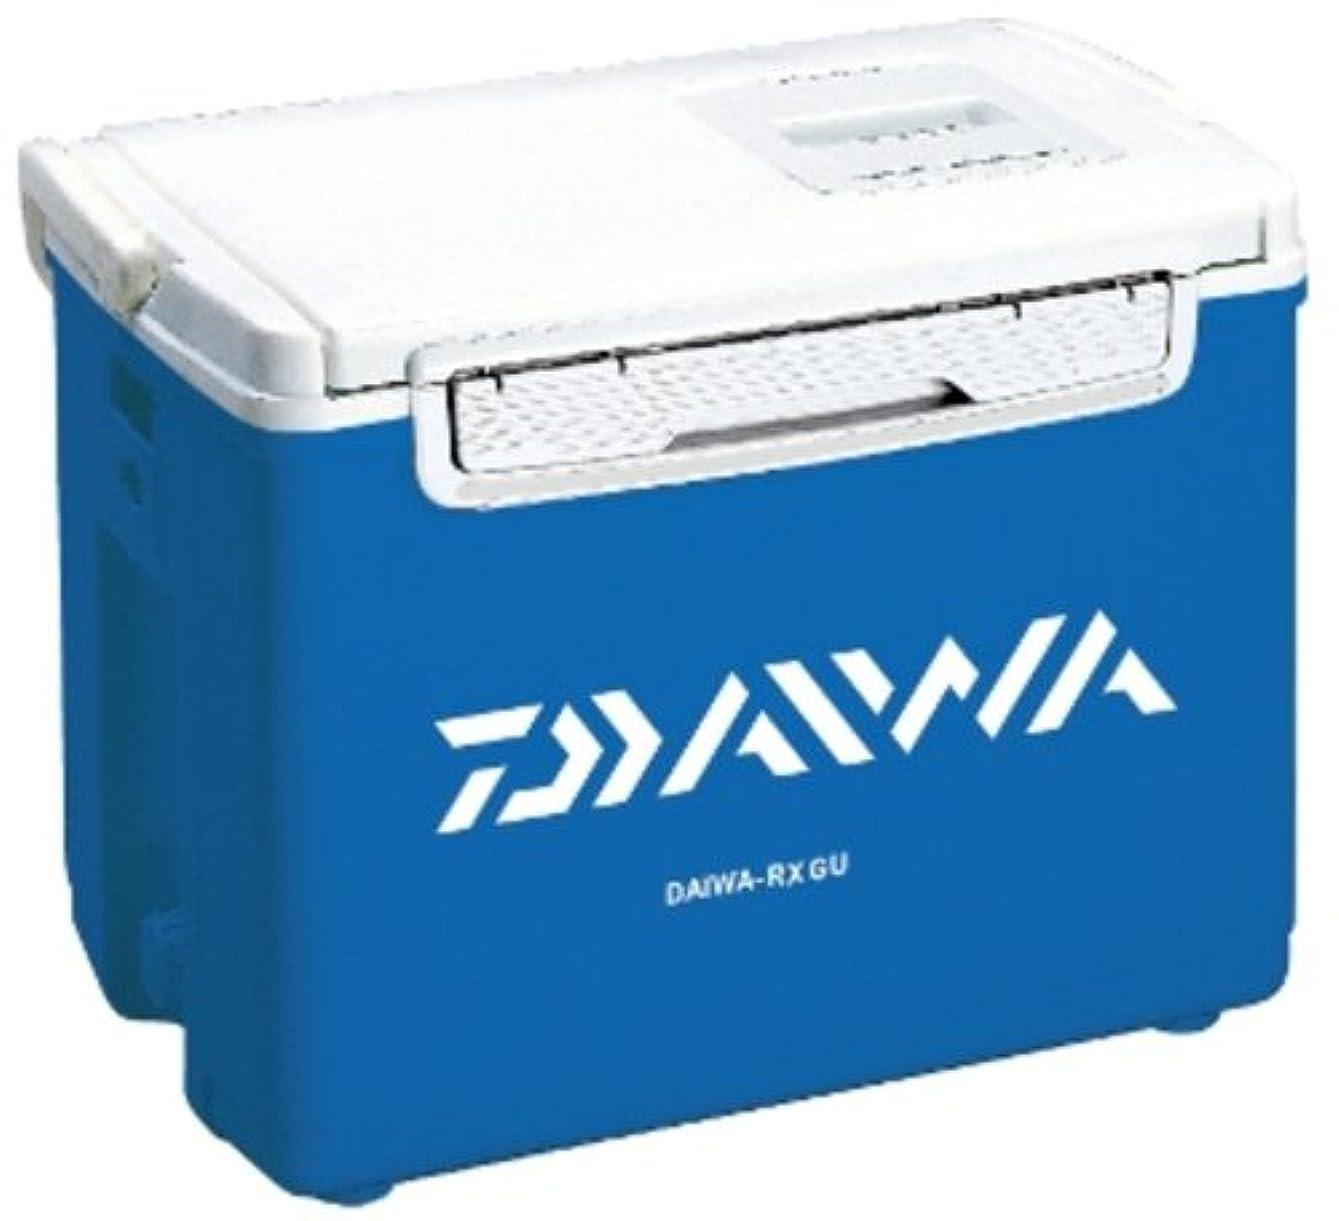 前提条件タンク提供するダイワ(Daiwa) クーラーボックス 釣り RX GU X 2600X